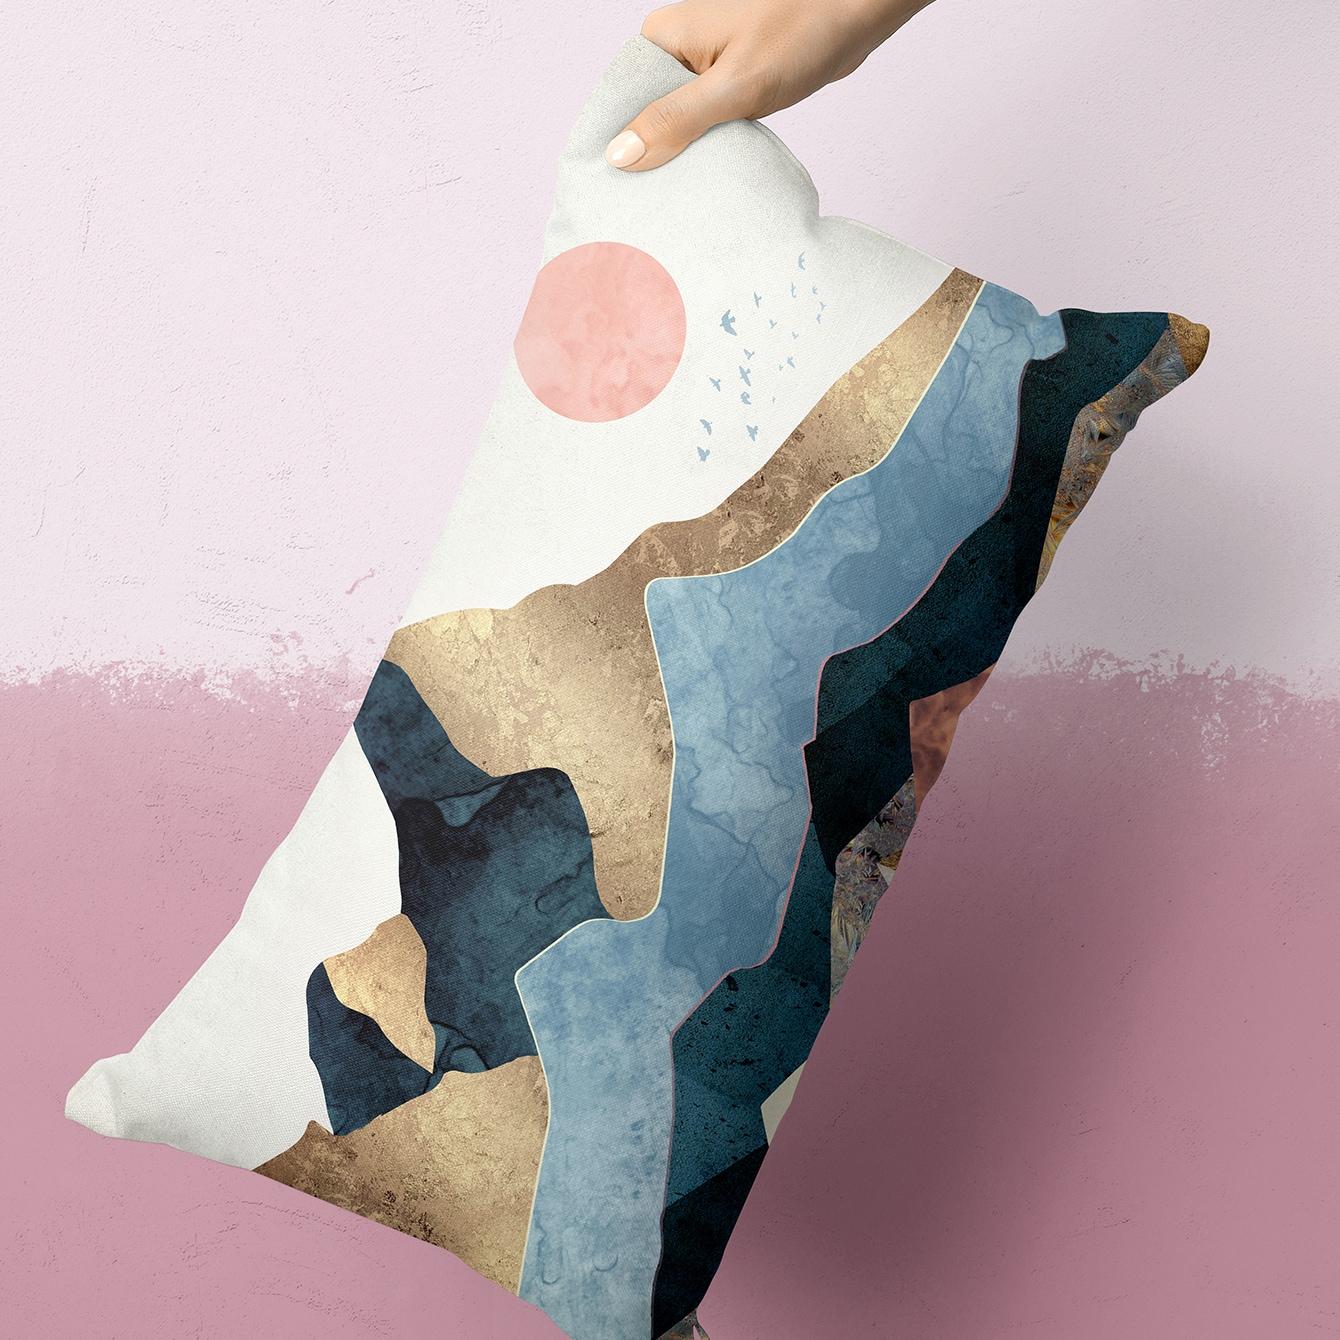 Lumbale kussensloop met berg en zonprint